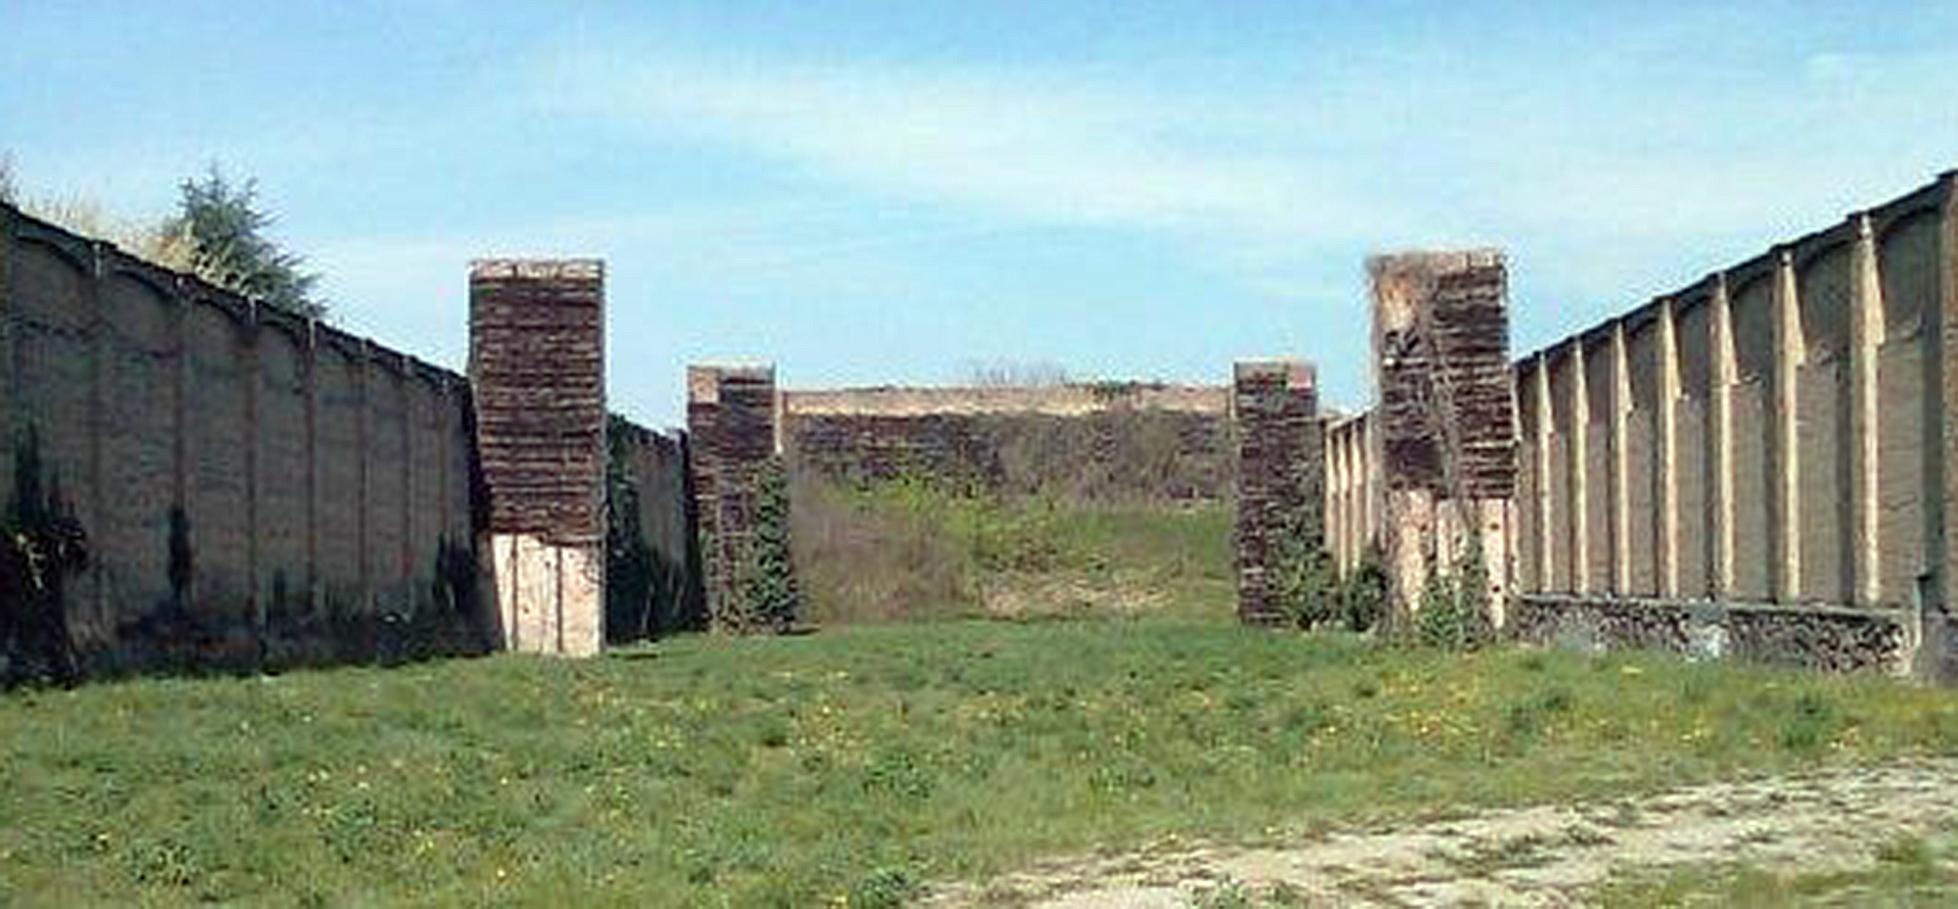 Il poligono di tiro di Reggio Emilia